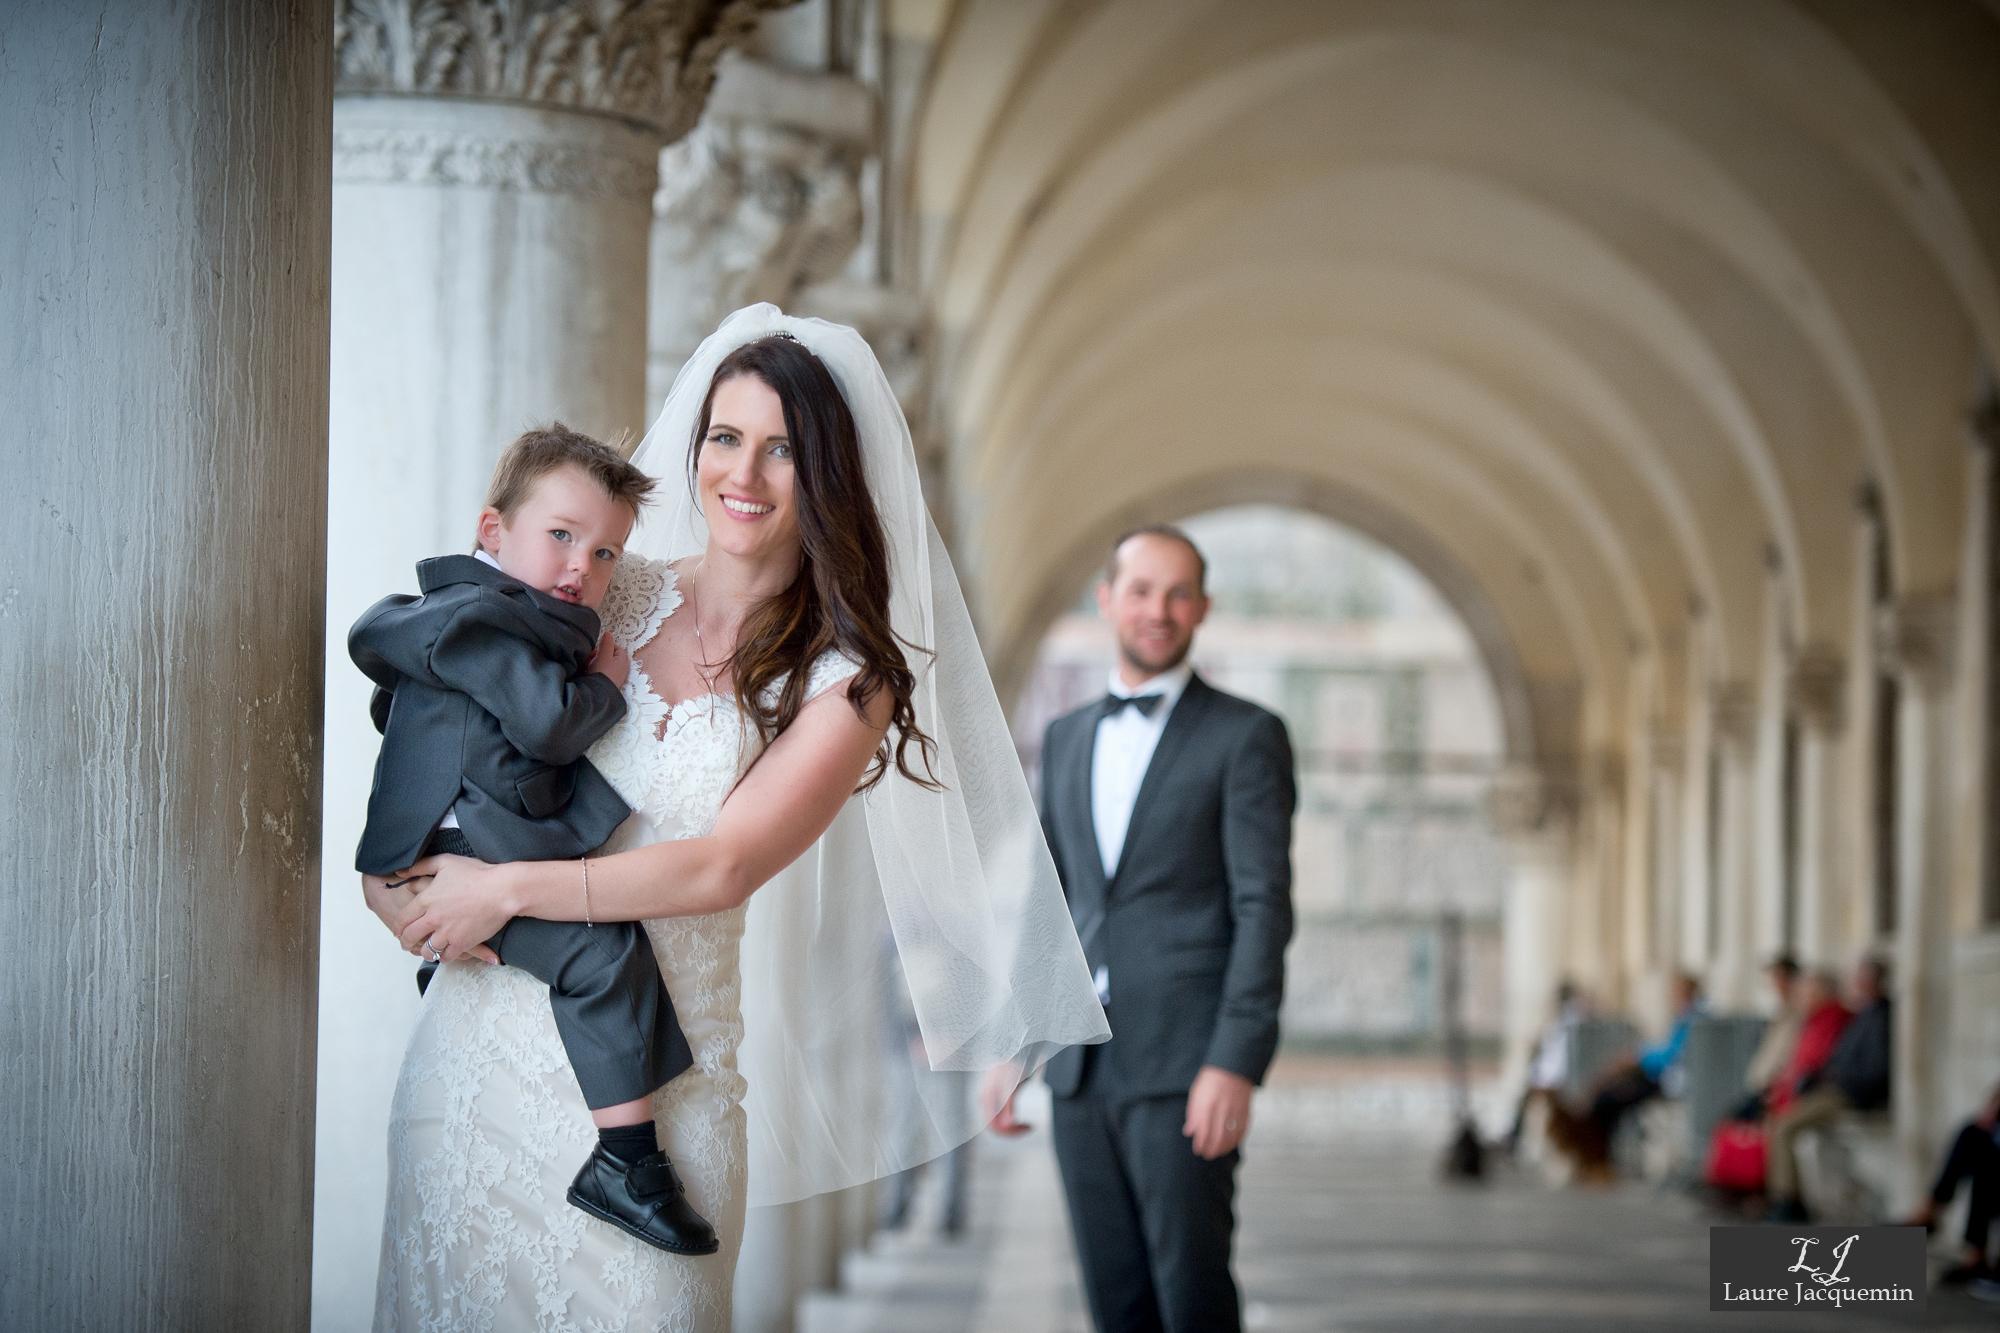 photographe mariage laure jacquemin palazzo cavalli service photographique (85)